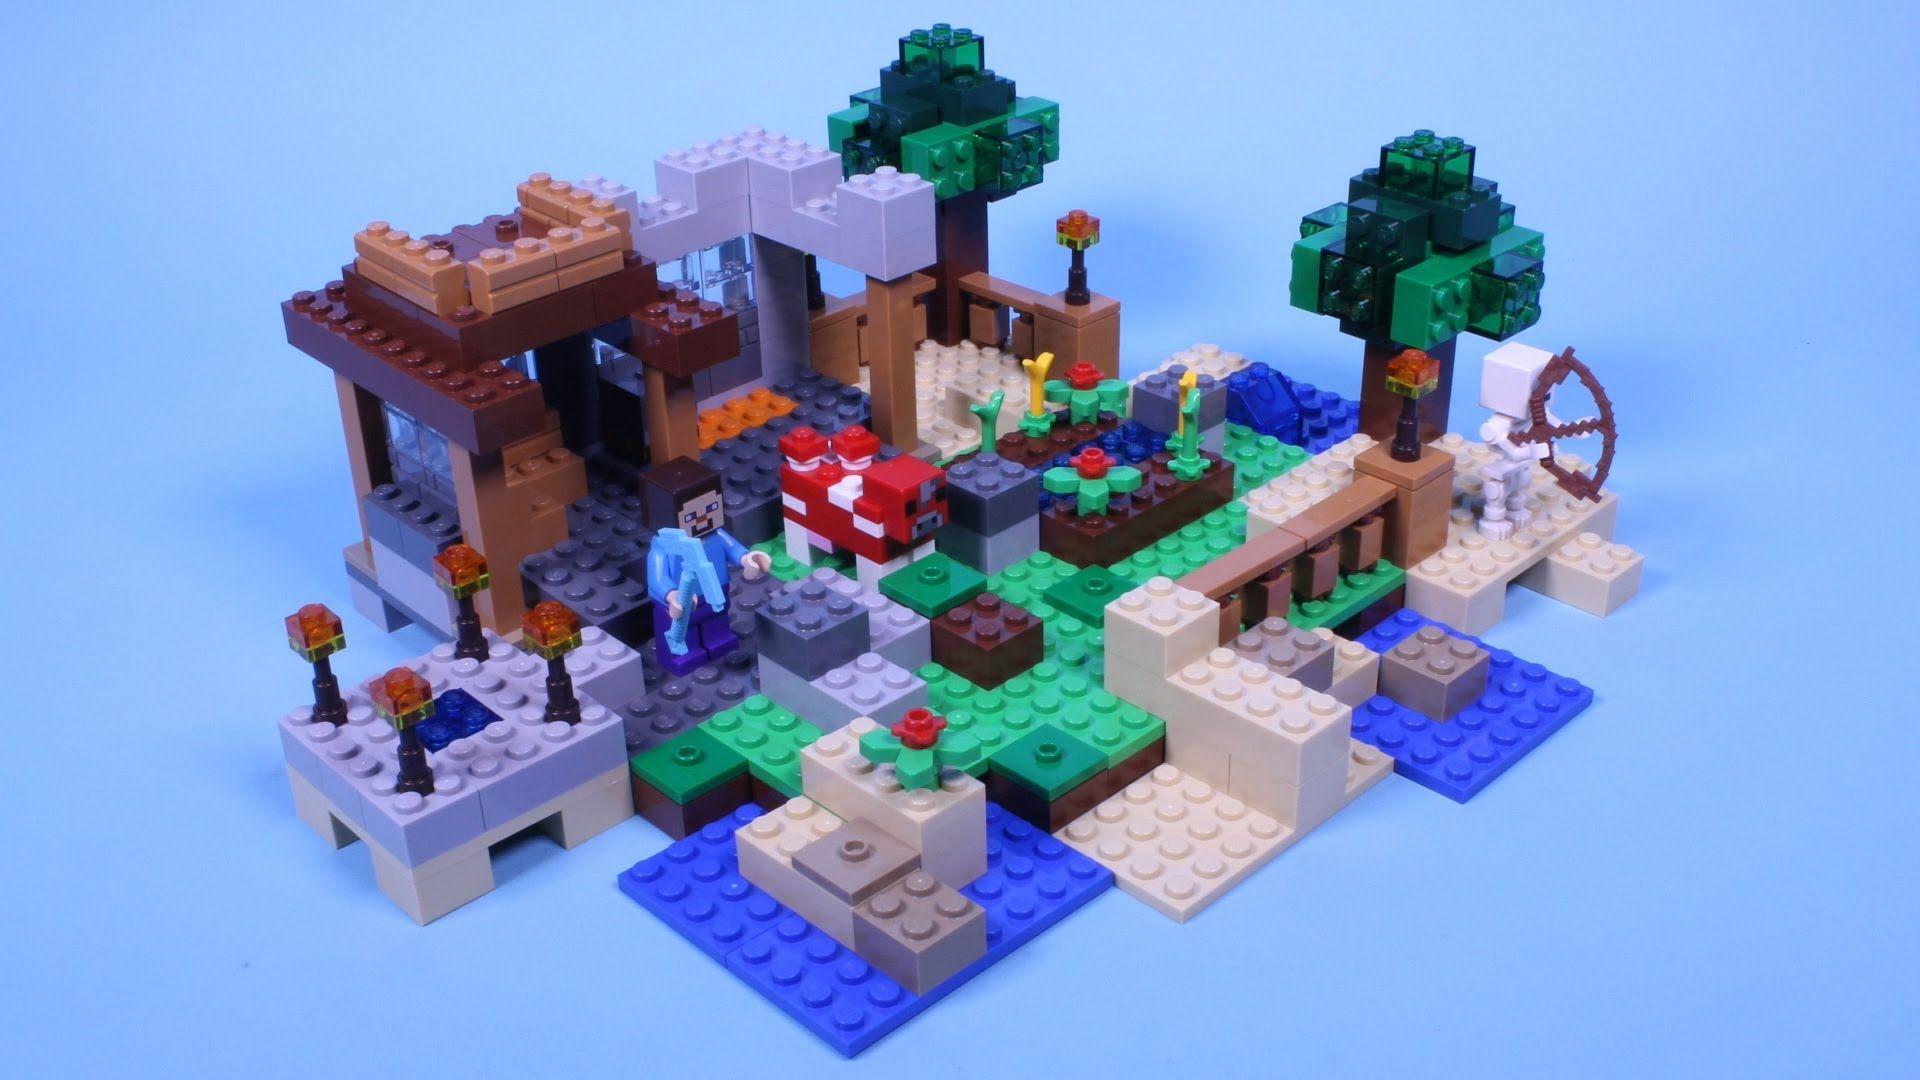 11++ Lego minecraft crafting box 21116 ideas